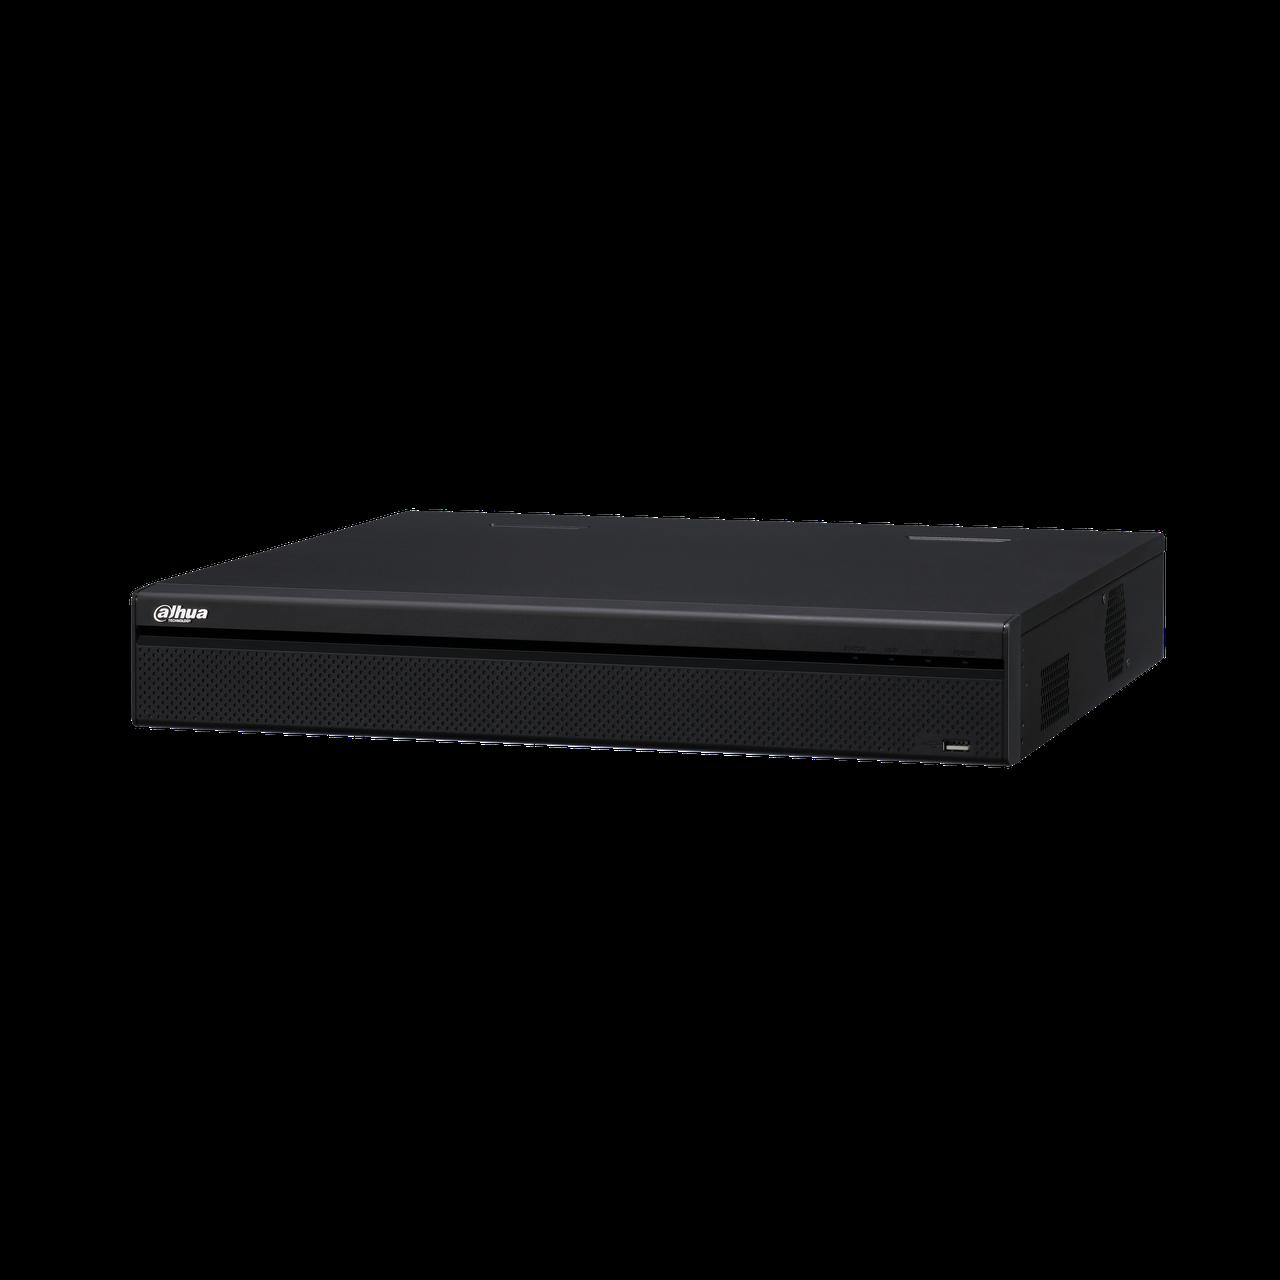 Видеорегистратор NVR5432-4KS2